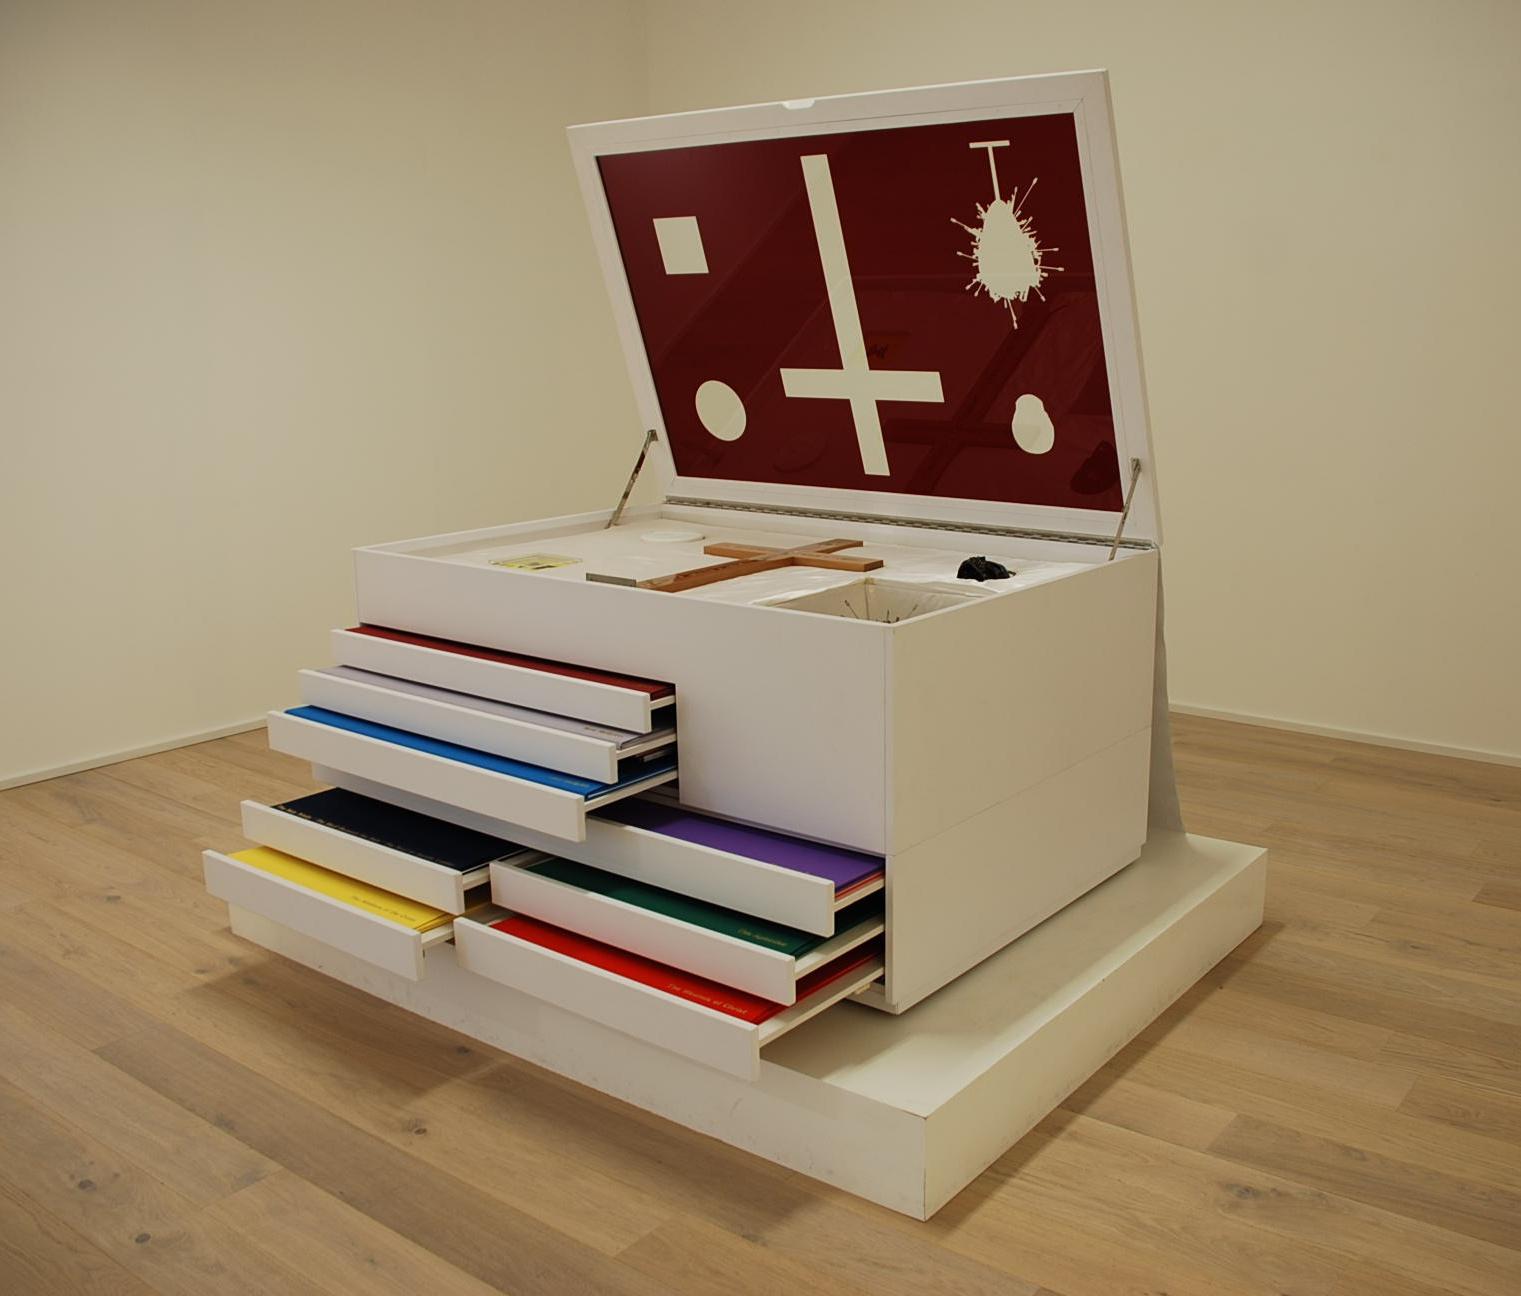 """""""New Religion. The chest"""" (""""Nowa Religia. Gablota""""), 2005 / © Damien Hirst and Science Ltd. (źródło: materiały prasowe organizatora)"""